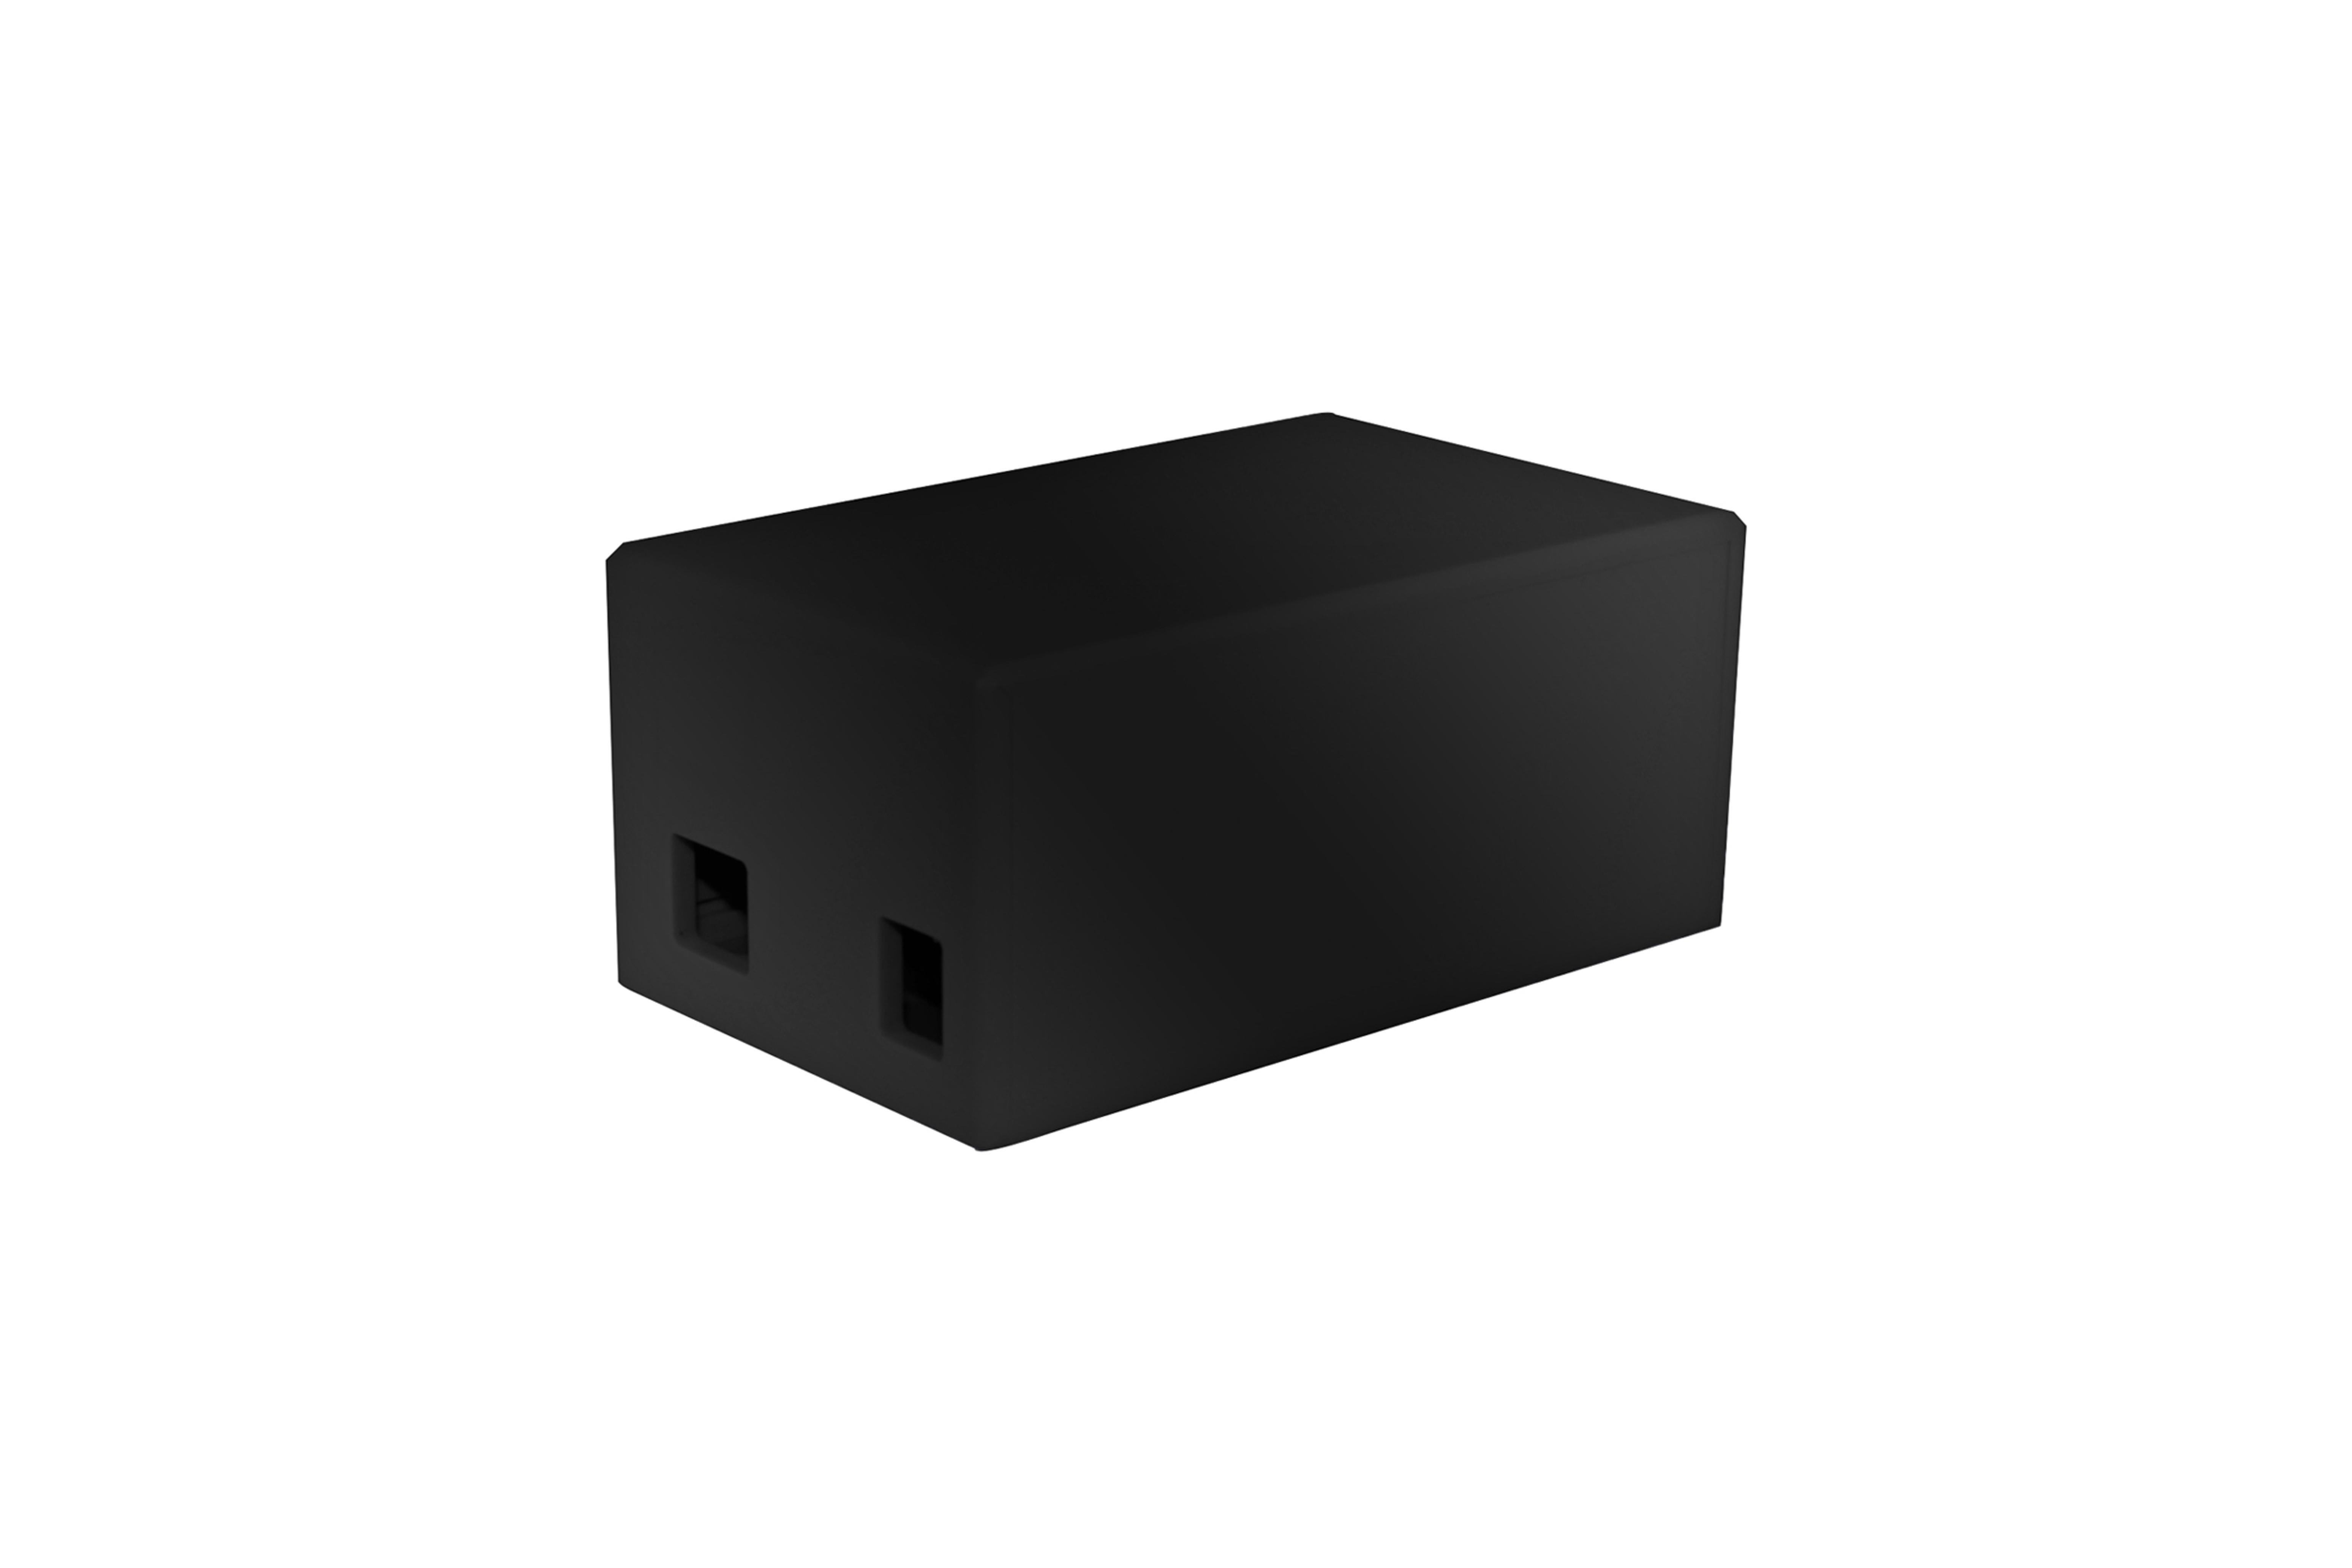 Uno Ethernet Shield Case